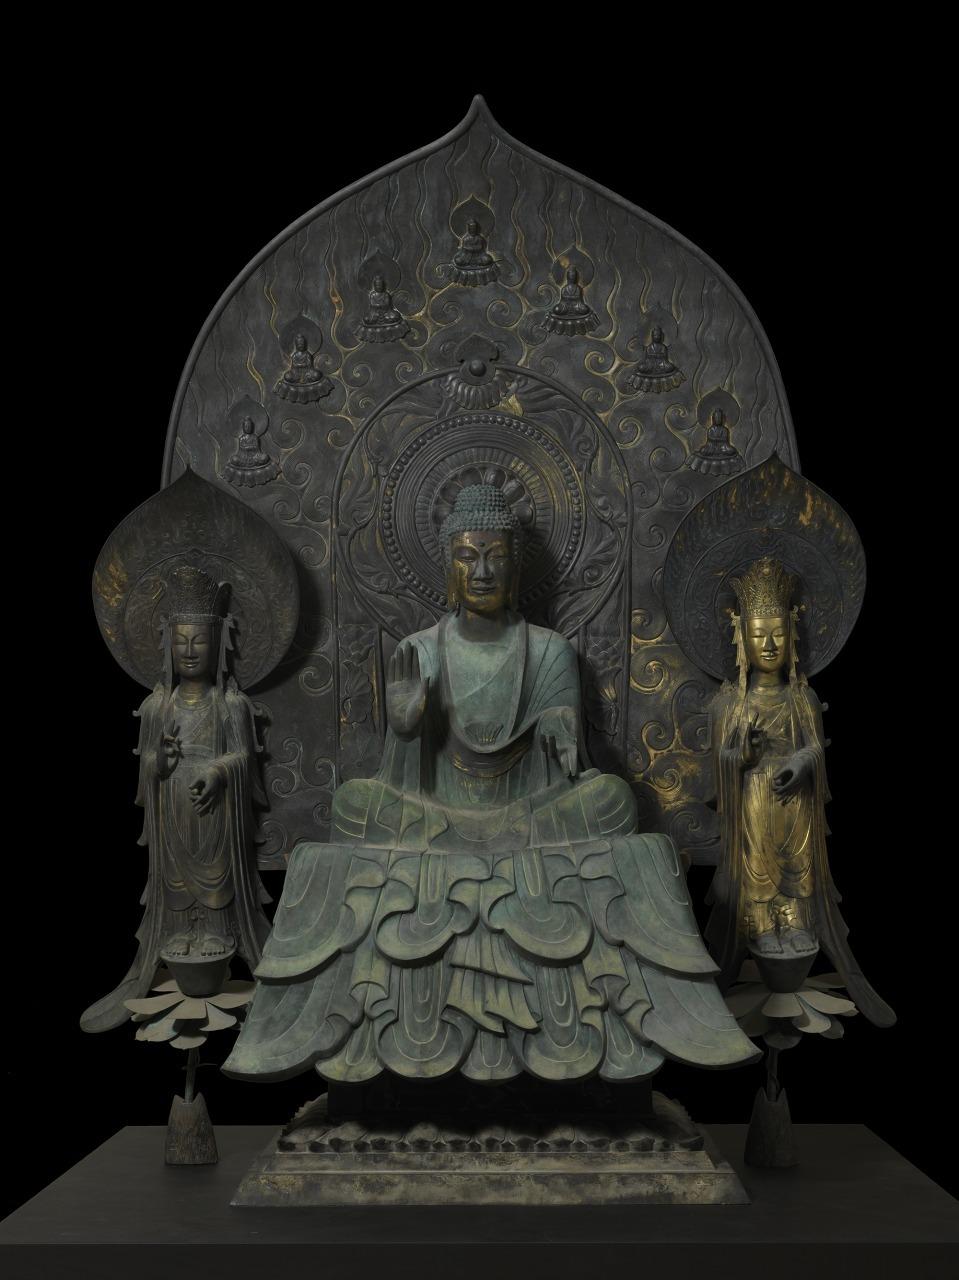 クローン文化財:法隆寺釈迦三尊像復元